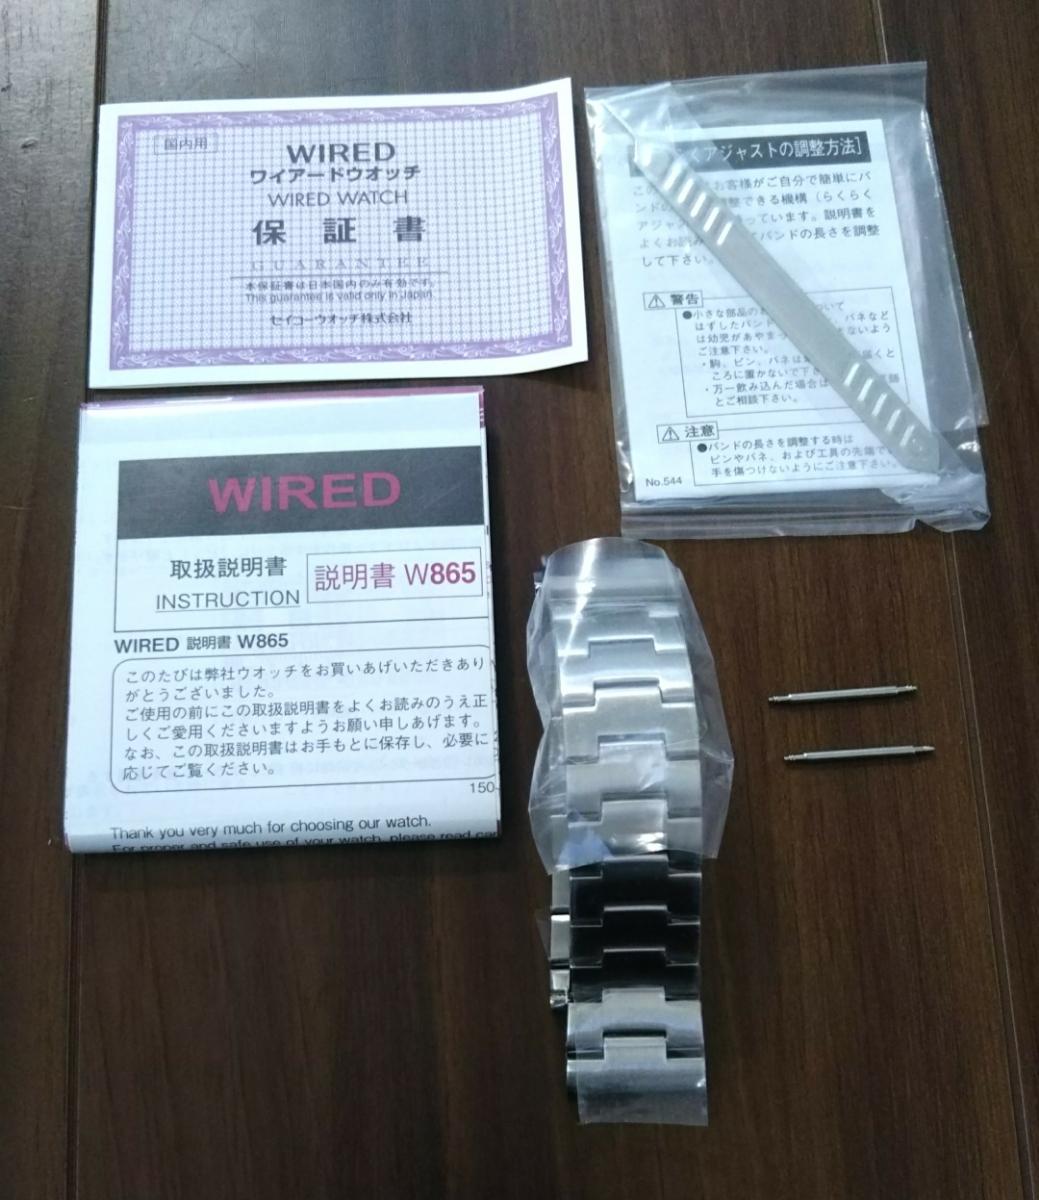 ワイアード デジボーグ 腕時計 WIRED ×METAL GEAR SOLID V:THE PHANTOM PAIN メタルギアソリッド コラボレーションウオッチ中古品 _画像4